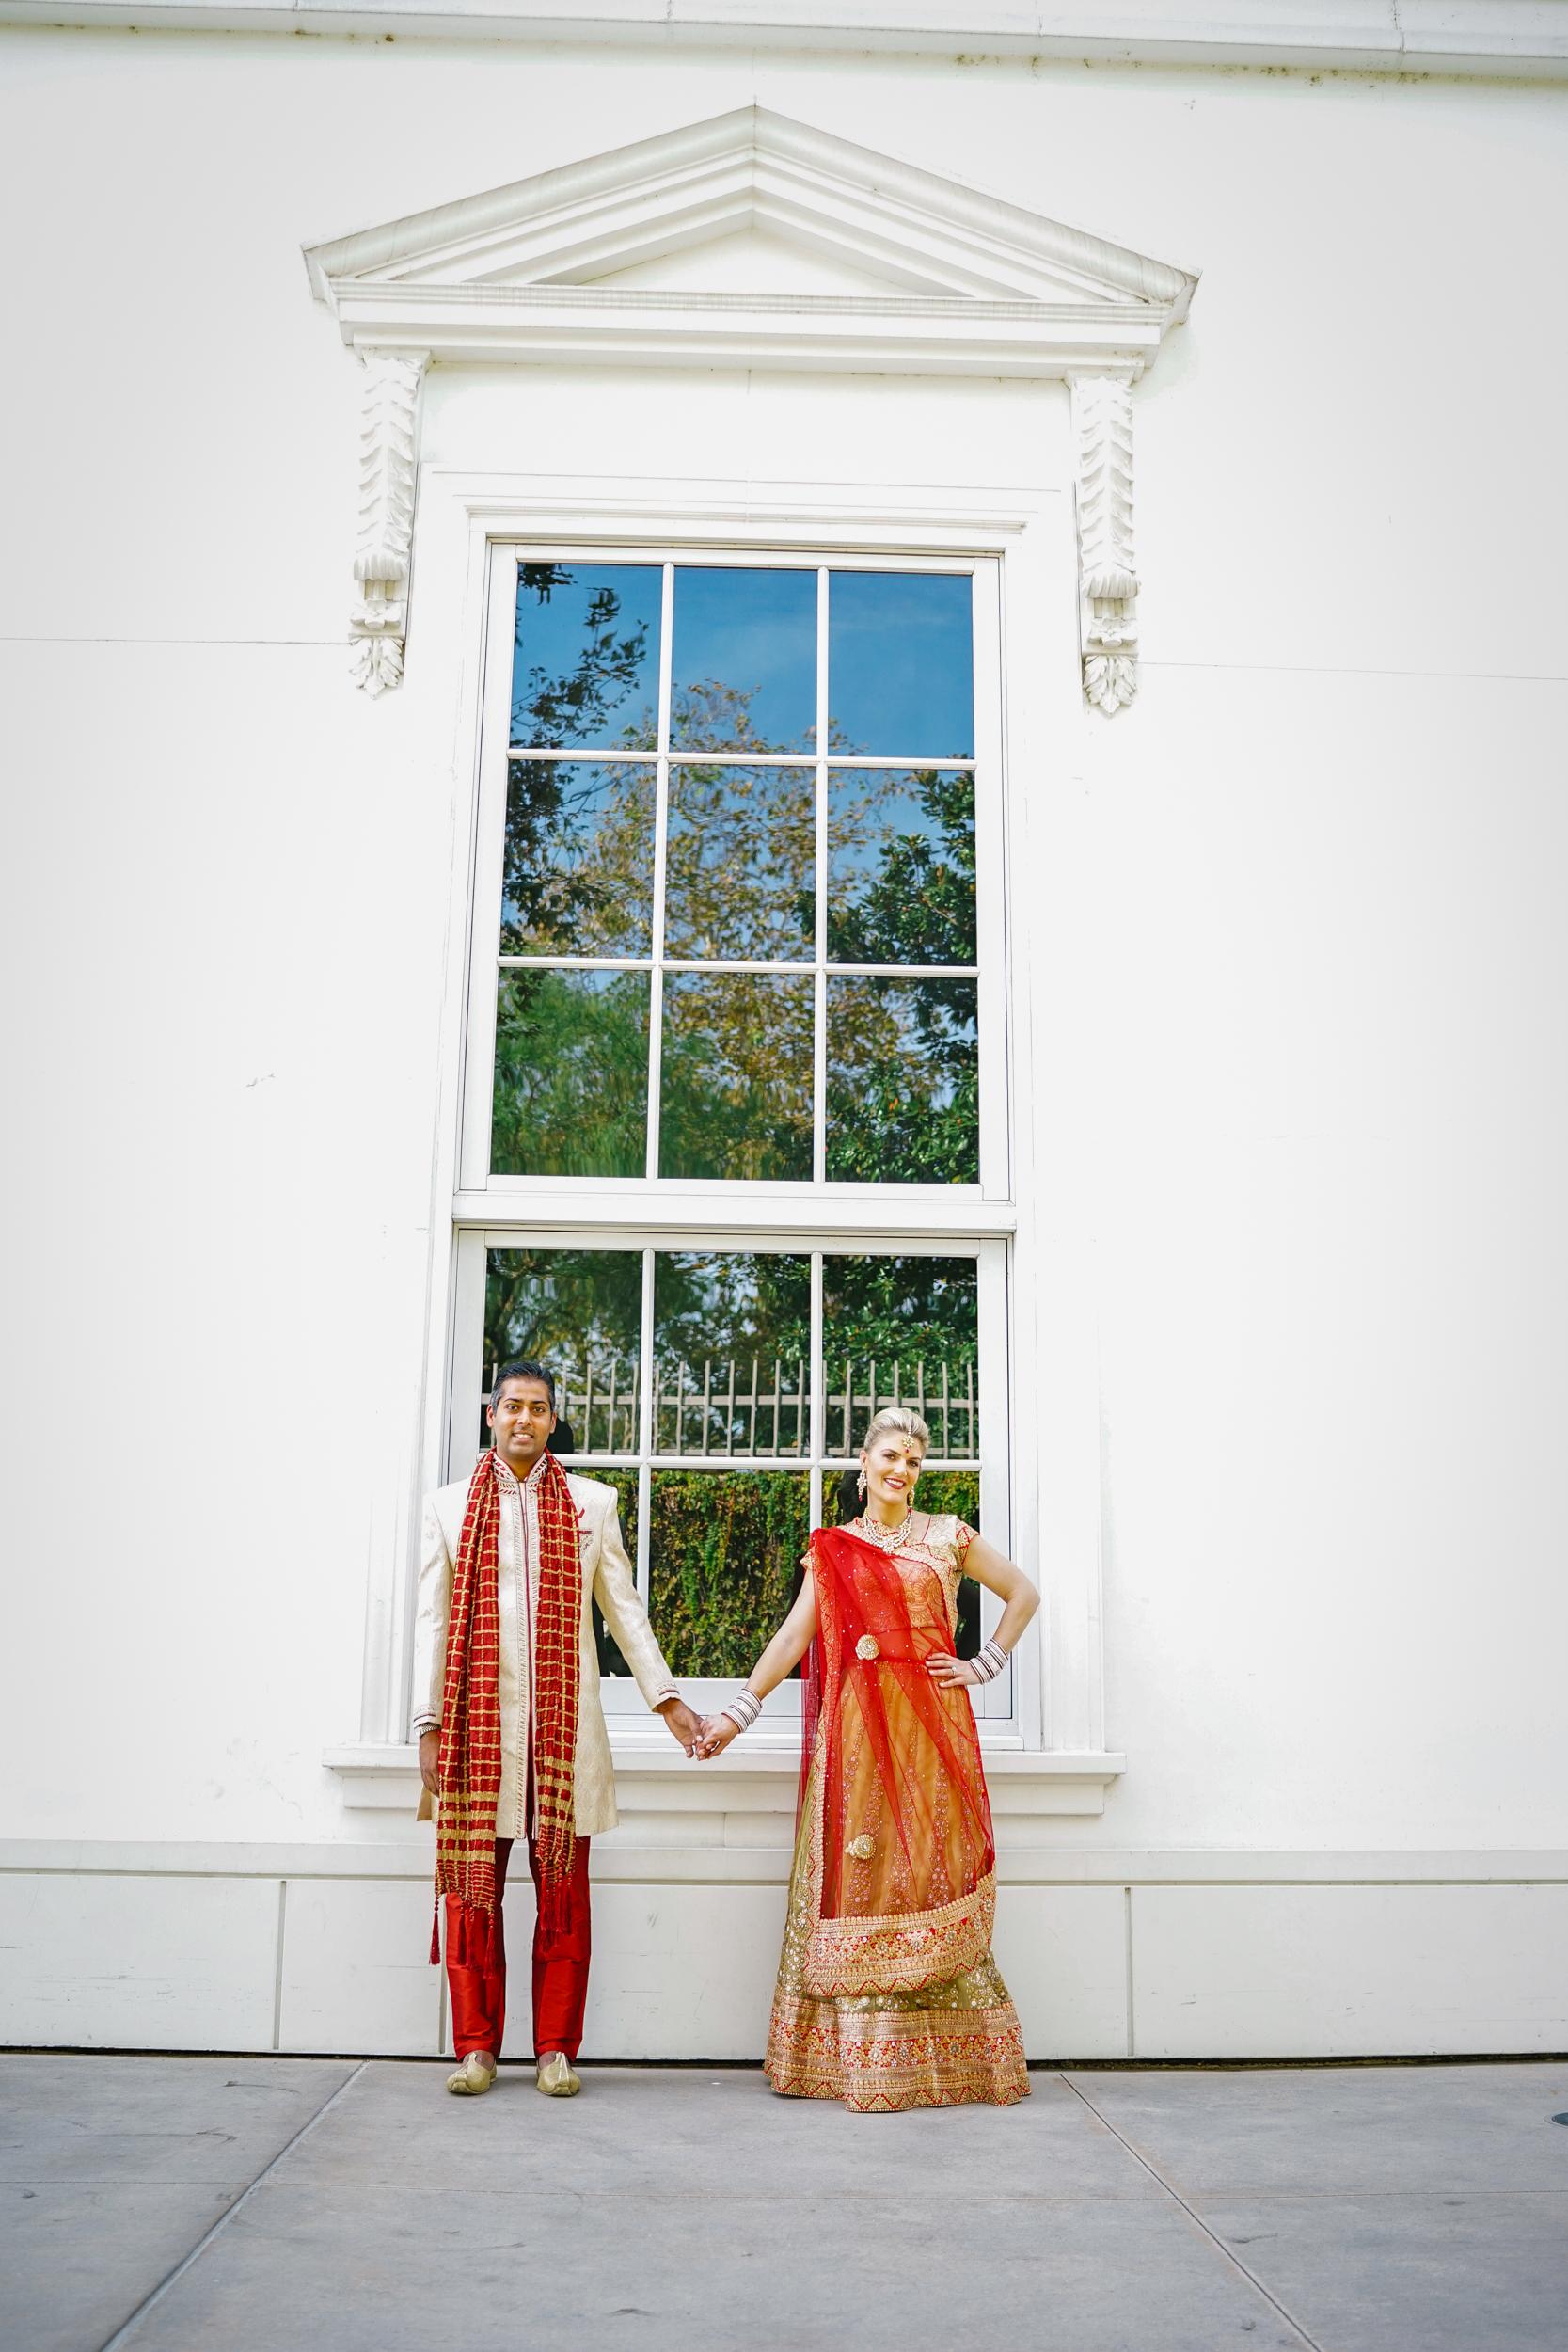 JKP_Indian_Weddings_0071.JPG